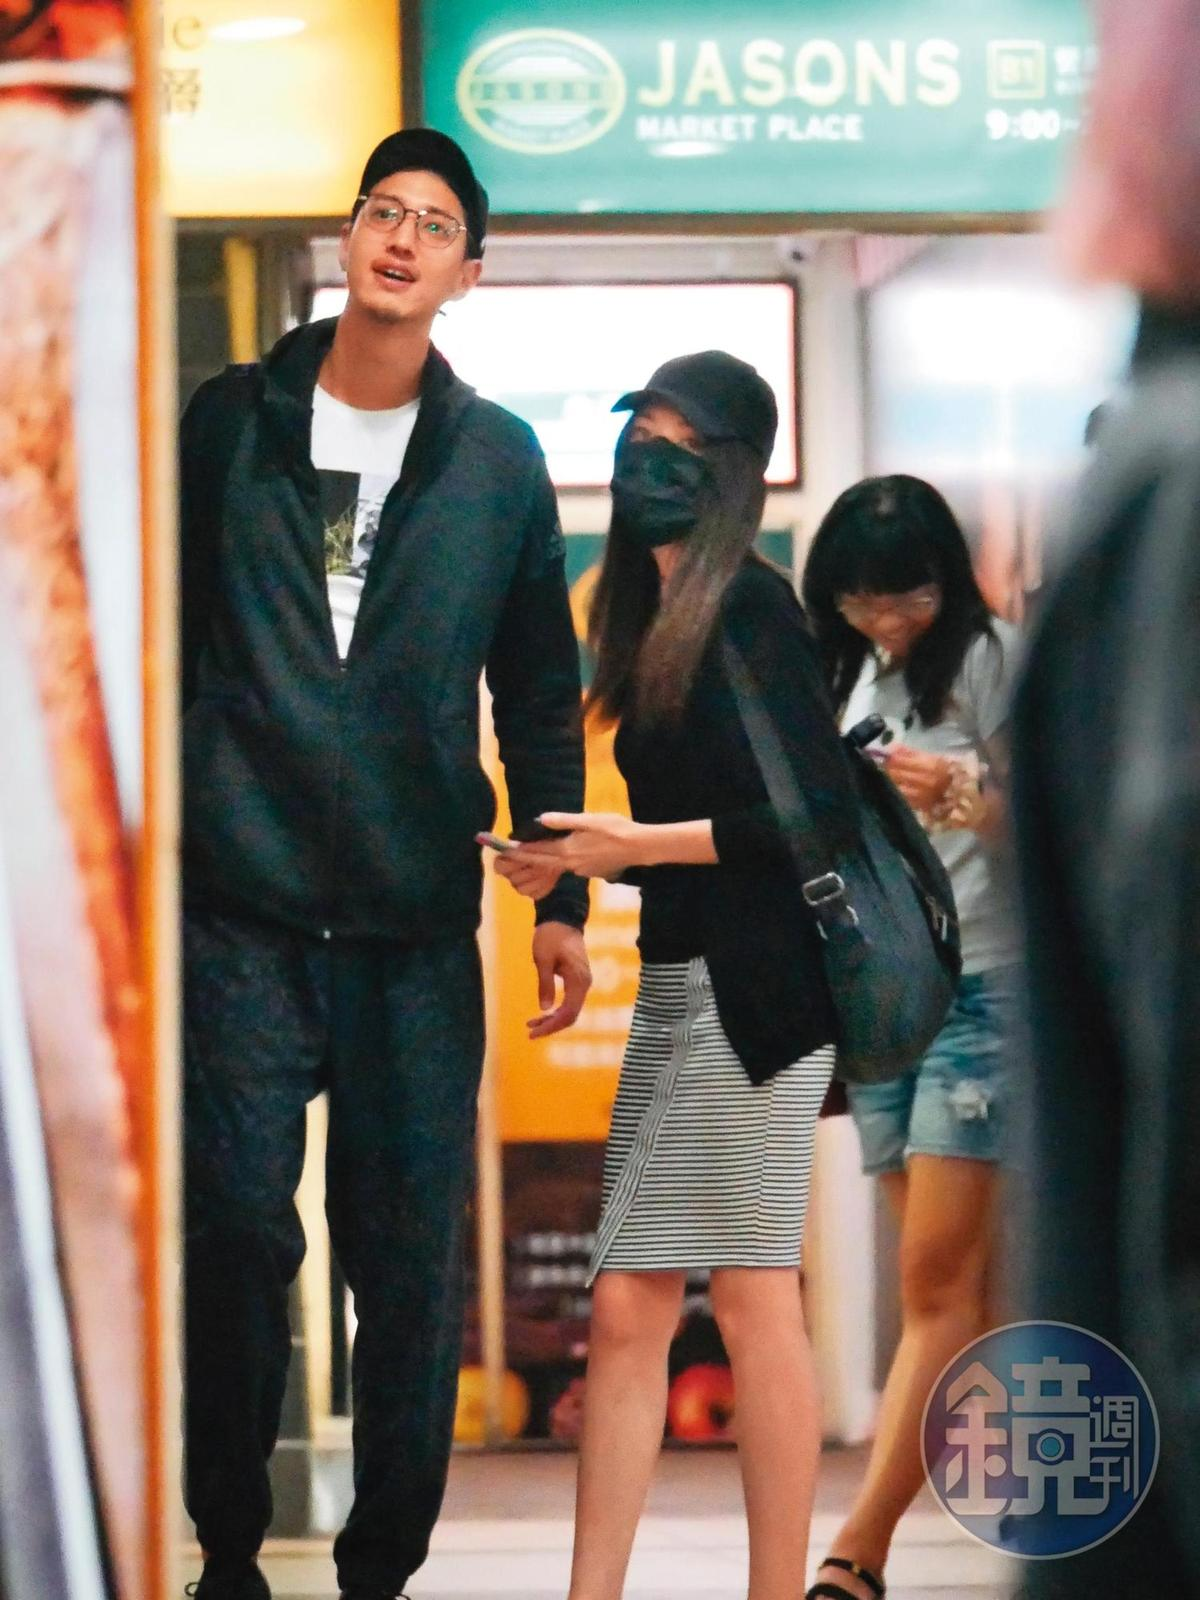 本刊在2017年時,率先曝光許瑋甯(中)與劉又年的戀情,當時兩人正在電影院約會。